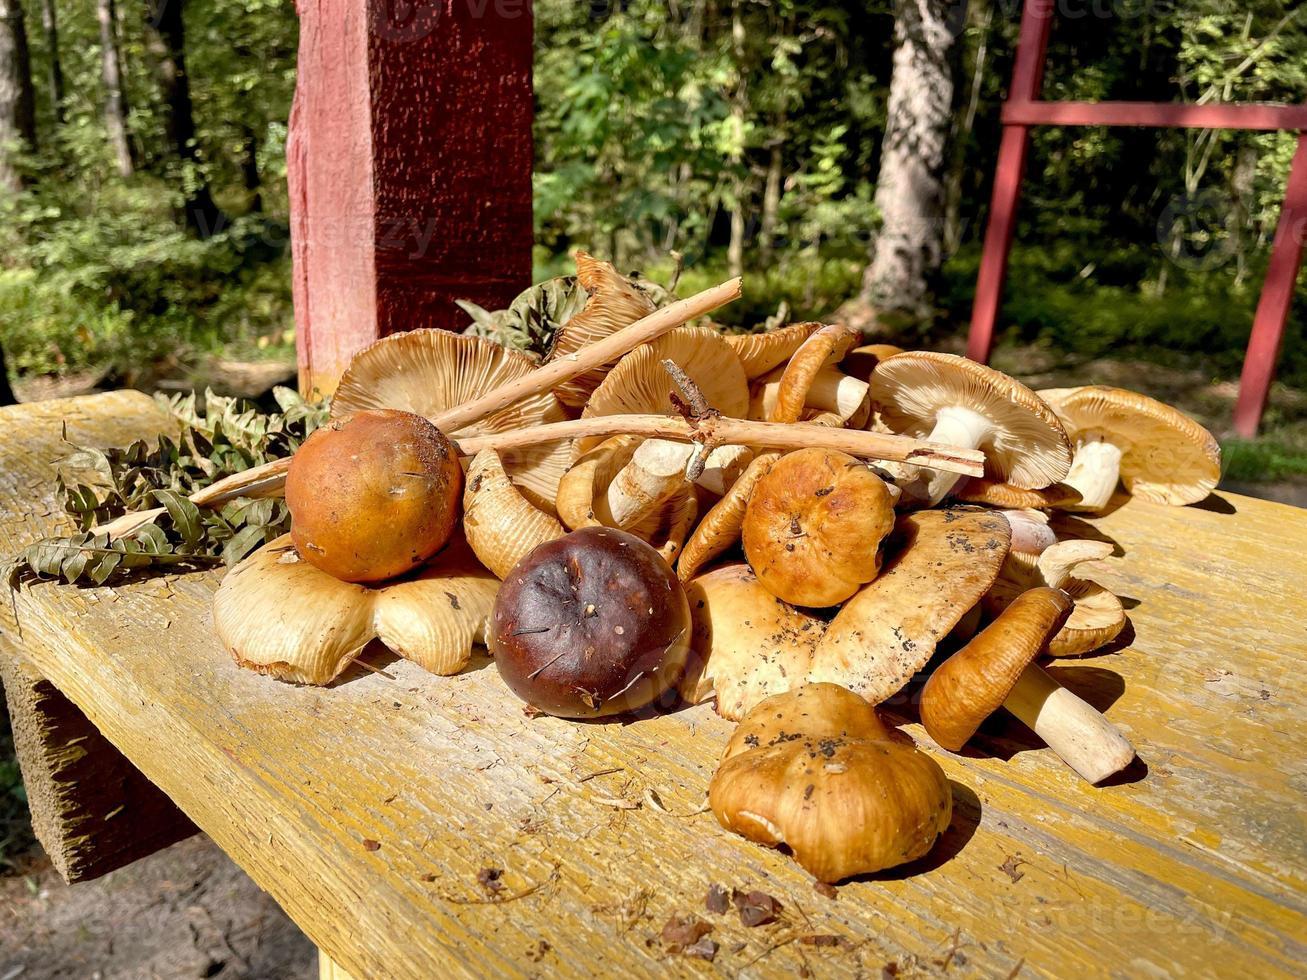 een verstrooiing van verschillende paddenstoelen op een houten tafel in het bos foto